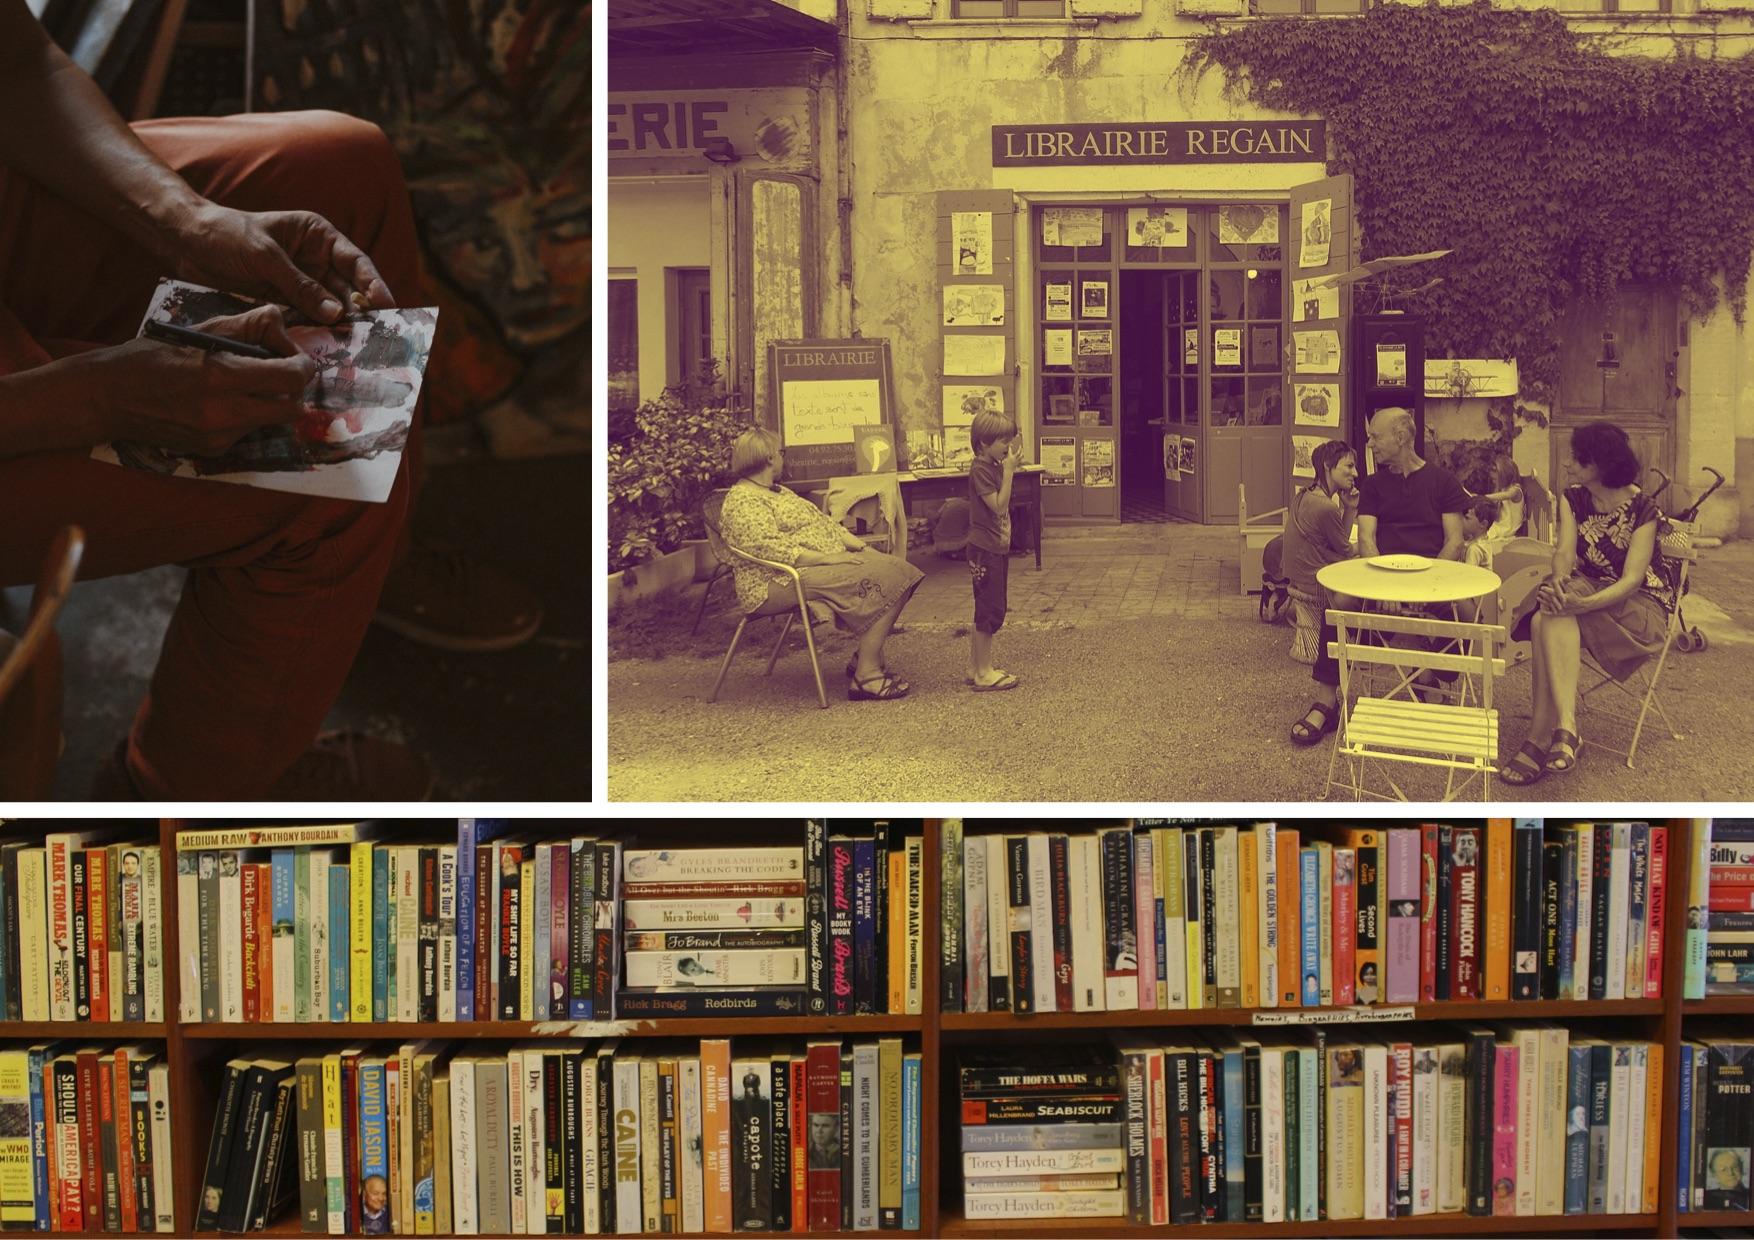 Librairie regain.jpg